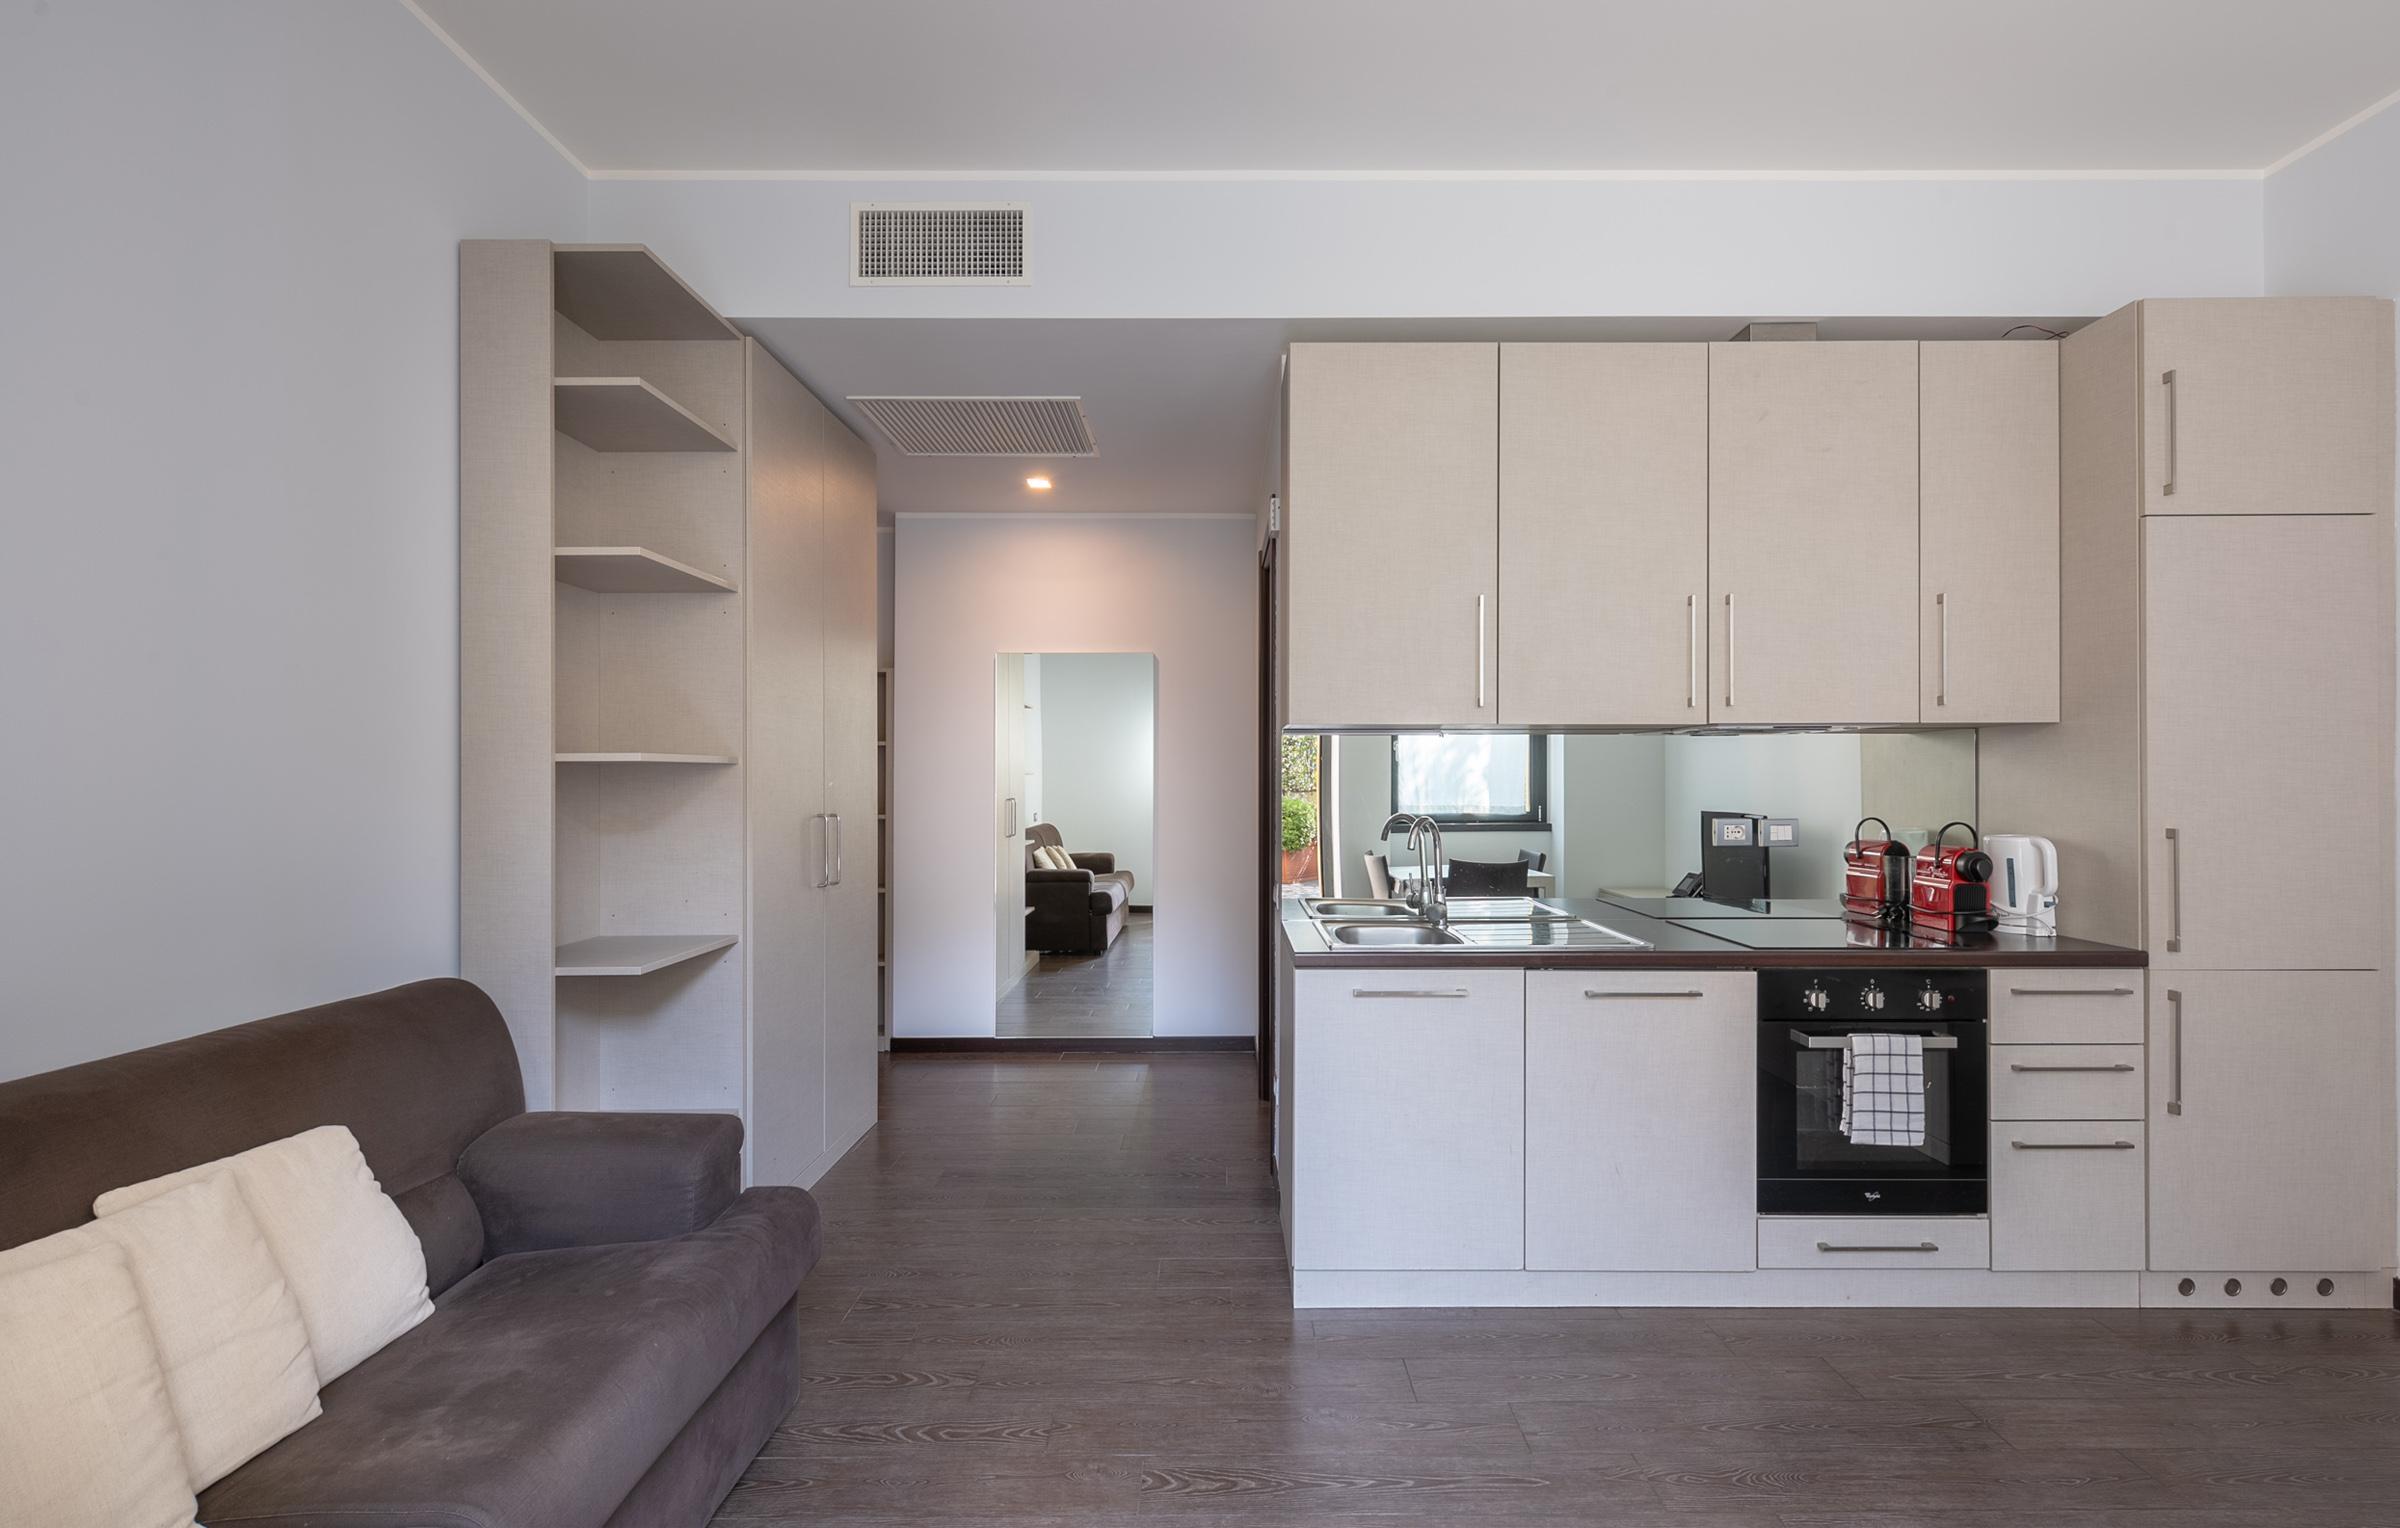 Divano letto, cucina attrezzata, tavolo con sedie, scrivania e angolo TV